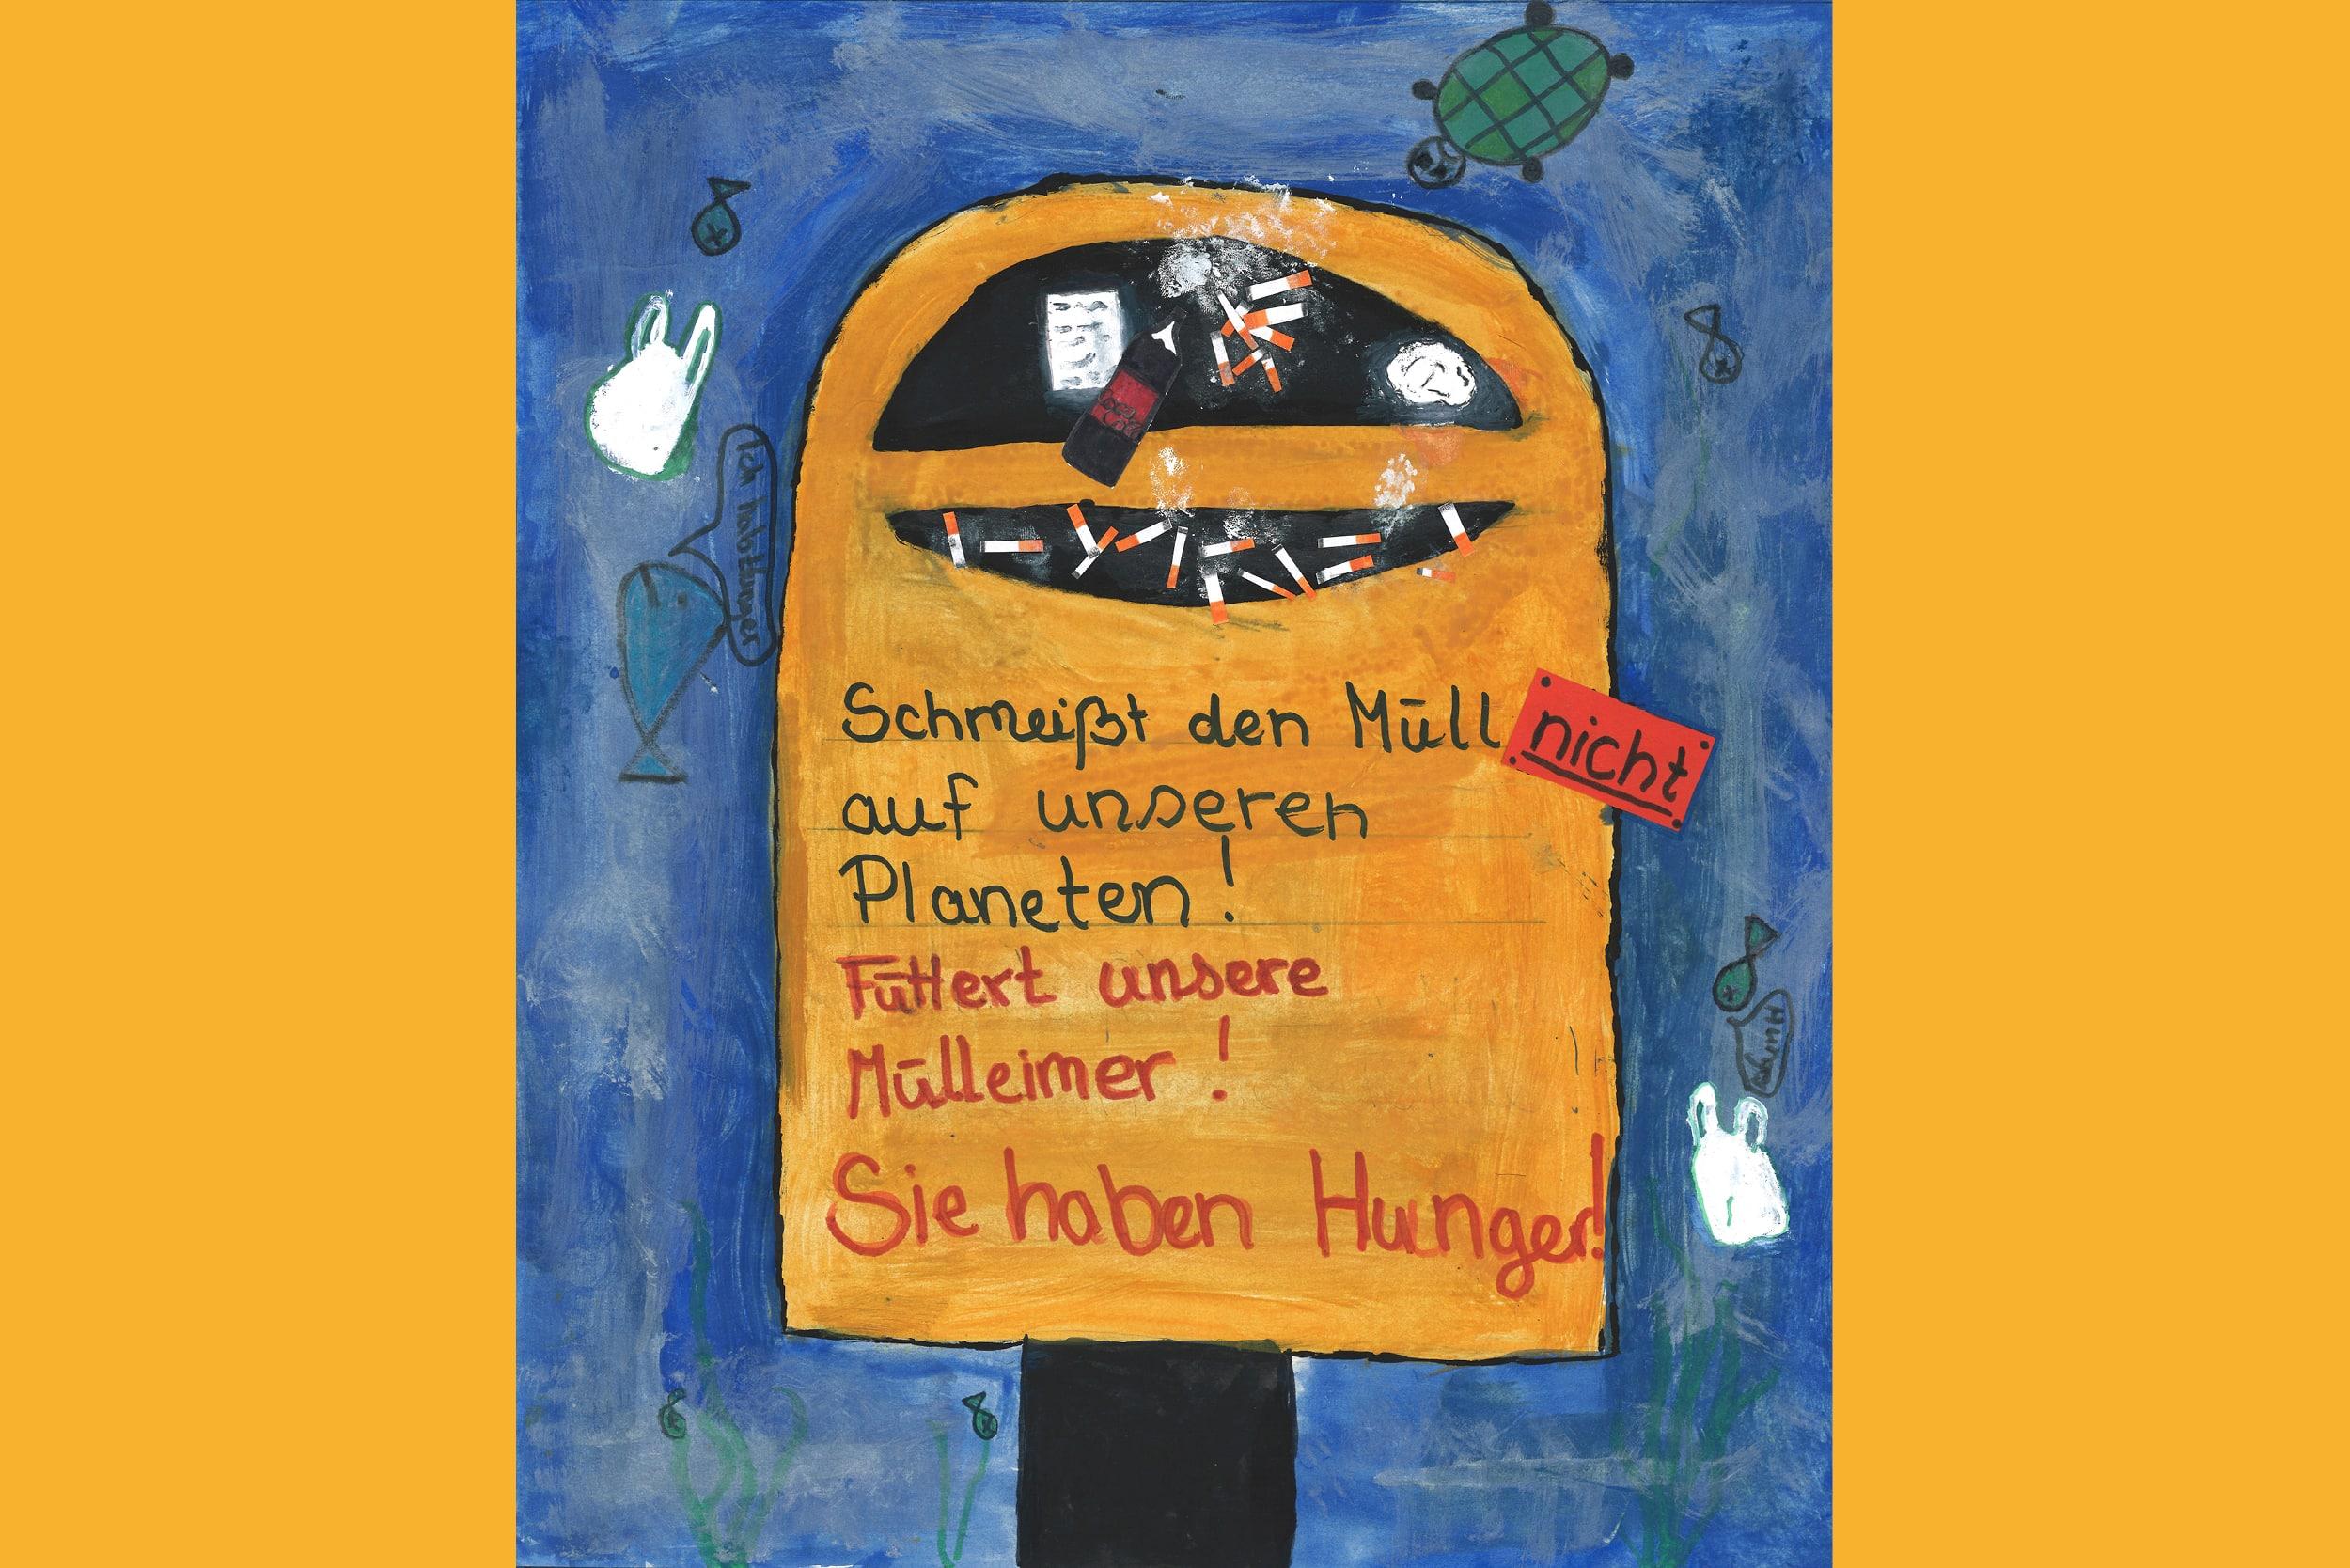 Plakat zum Thema Müll gehört in den Mülleimer